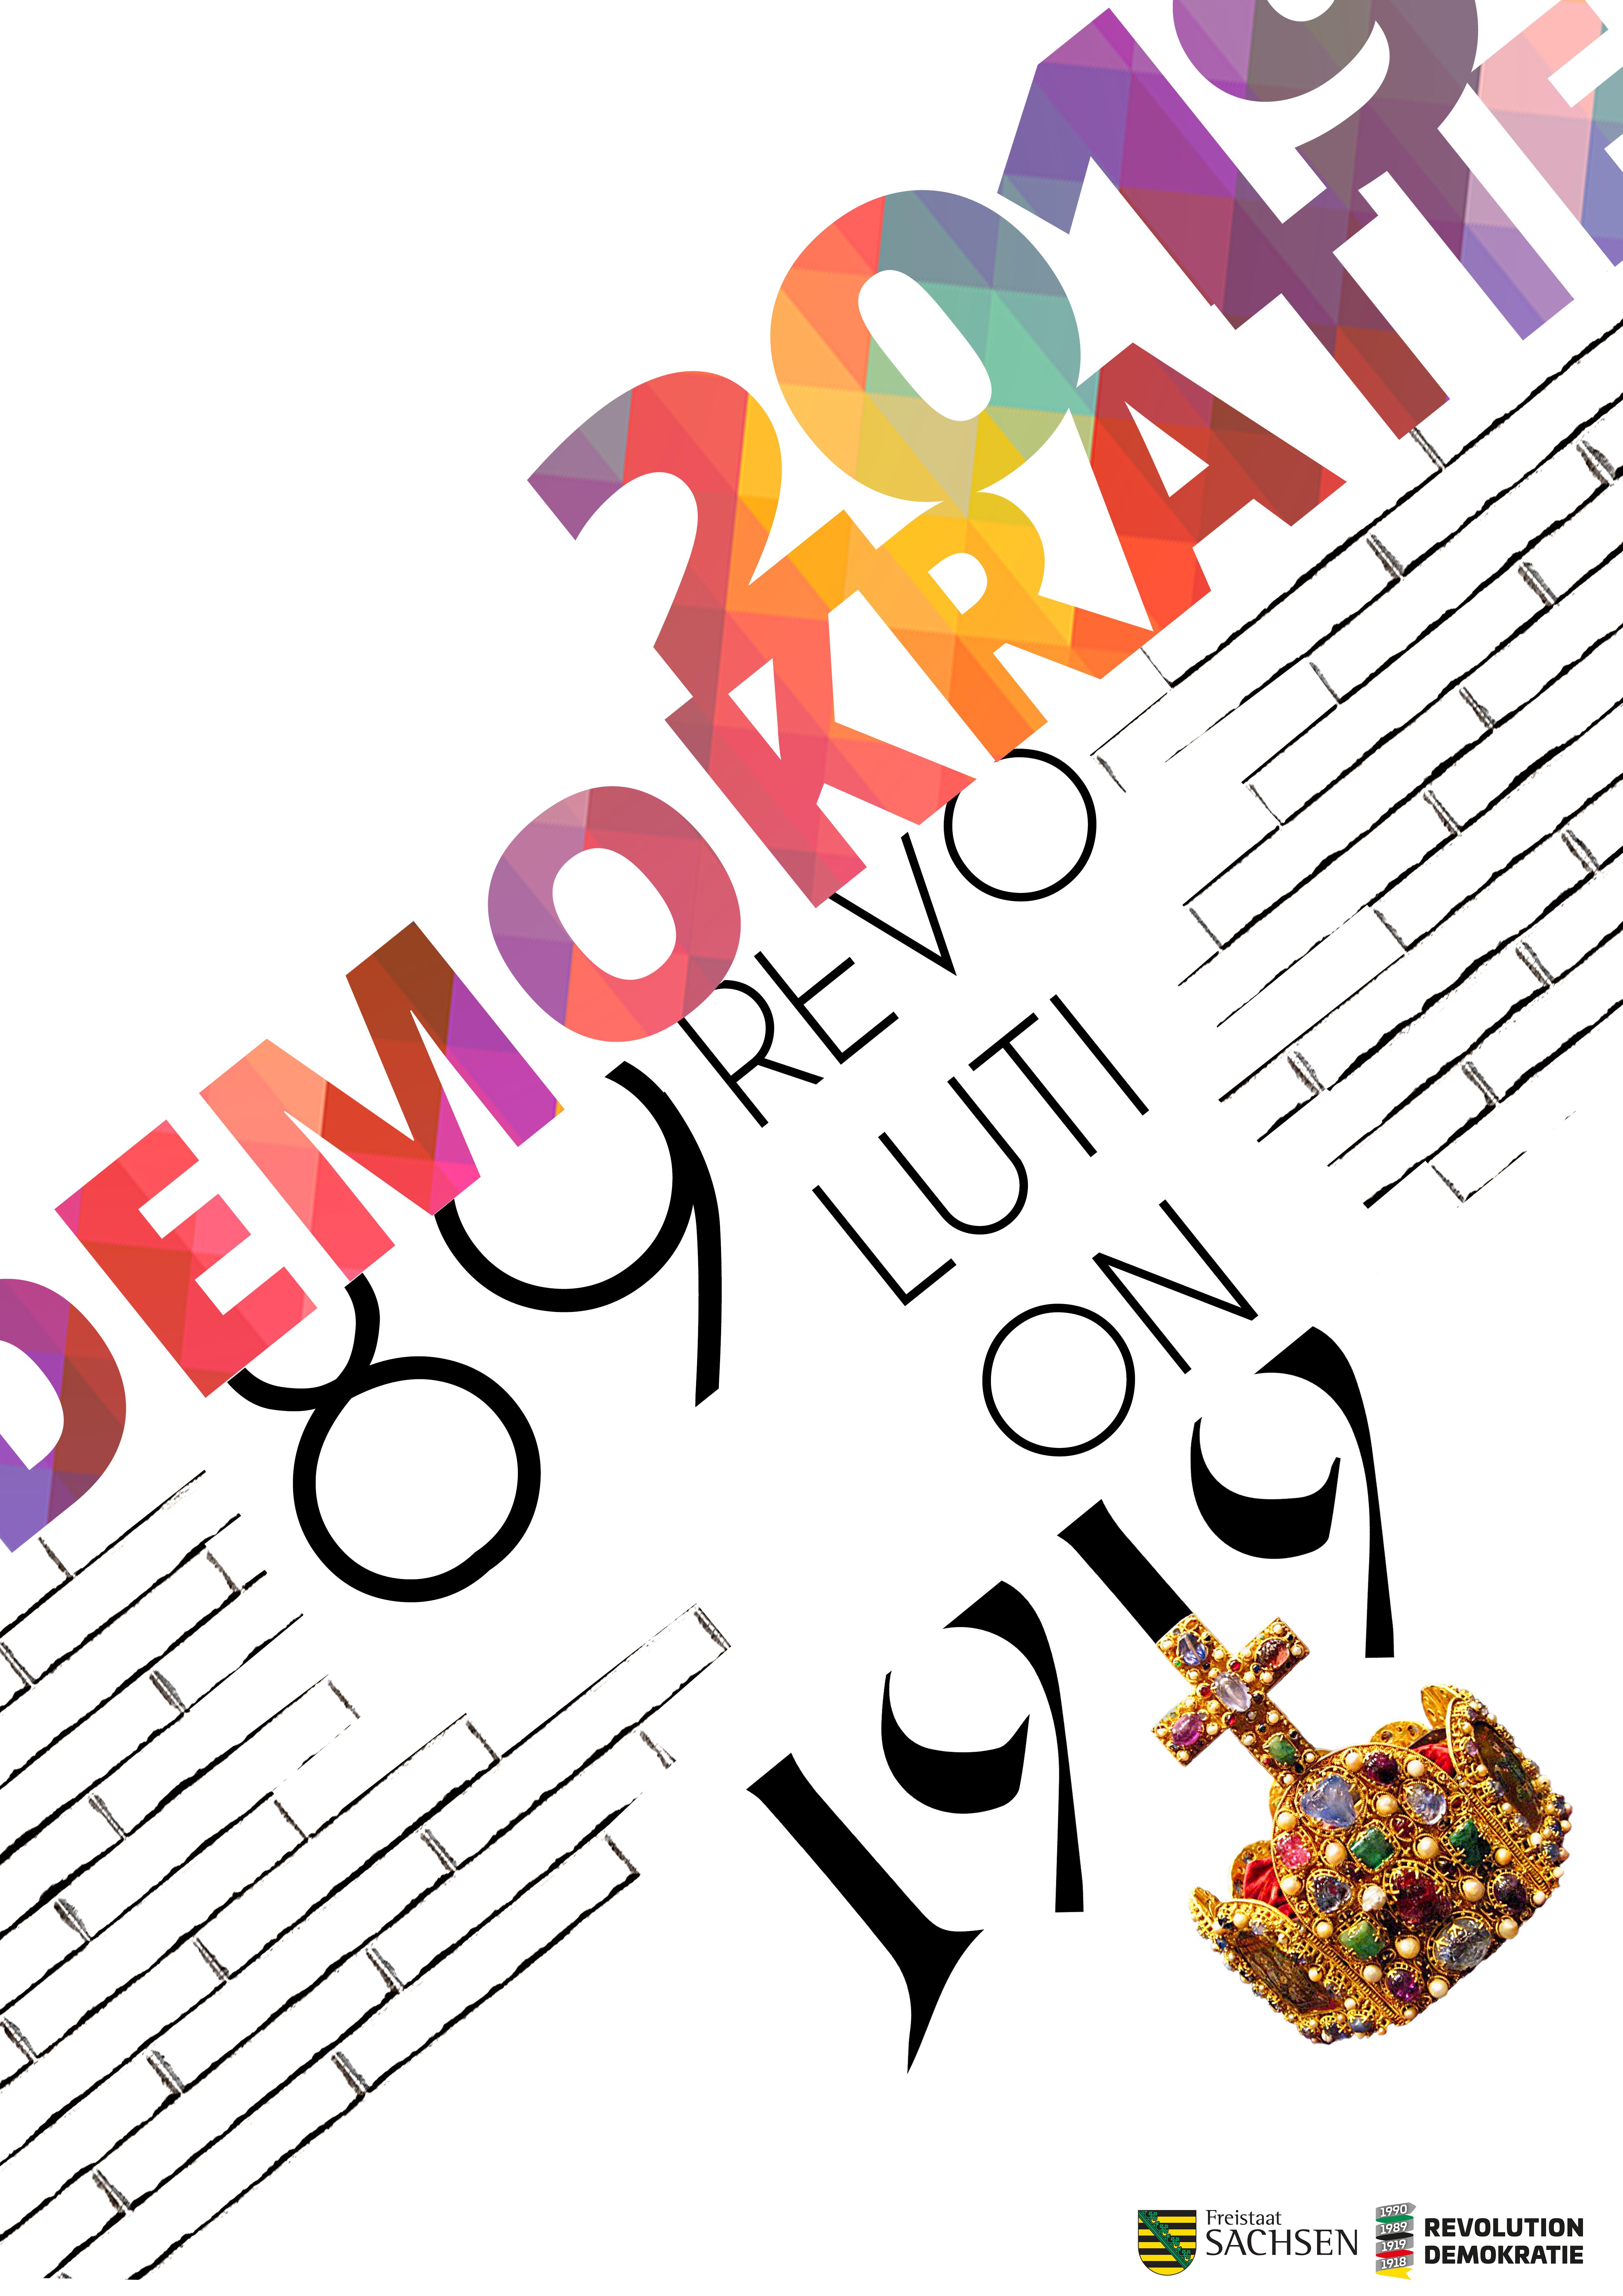 Plakatwettbewerb Sachsen - Deutscher Tele Markt